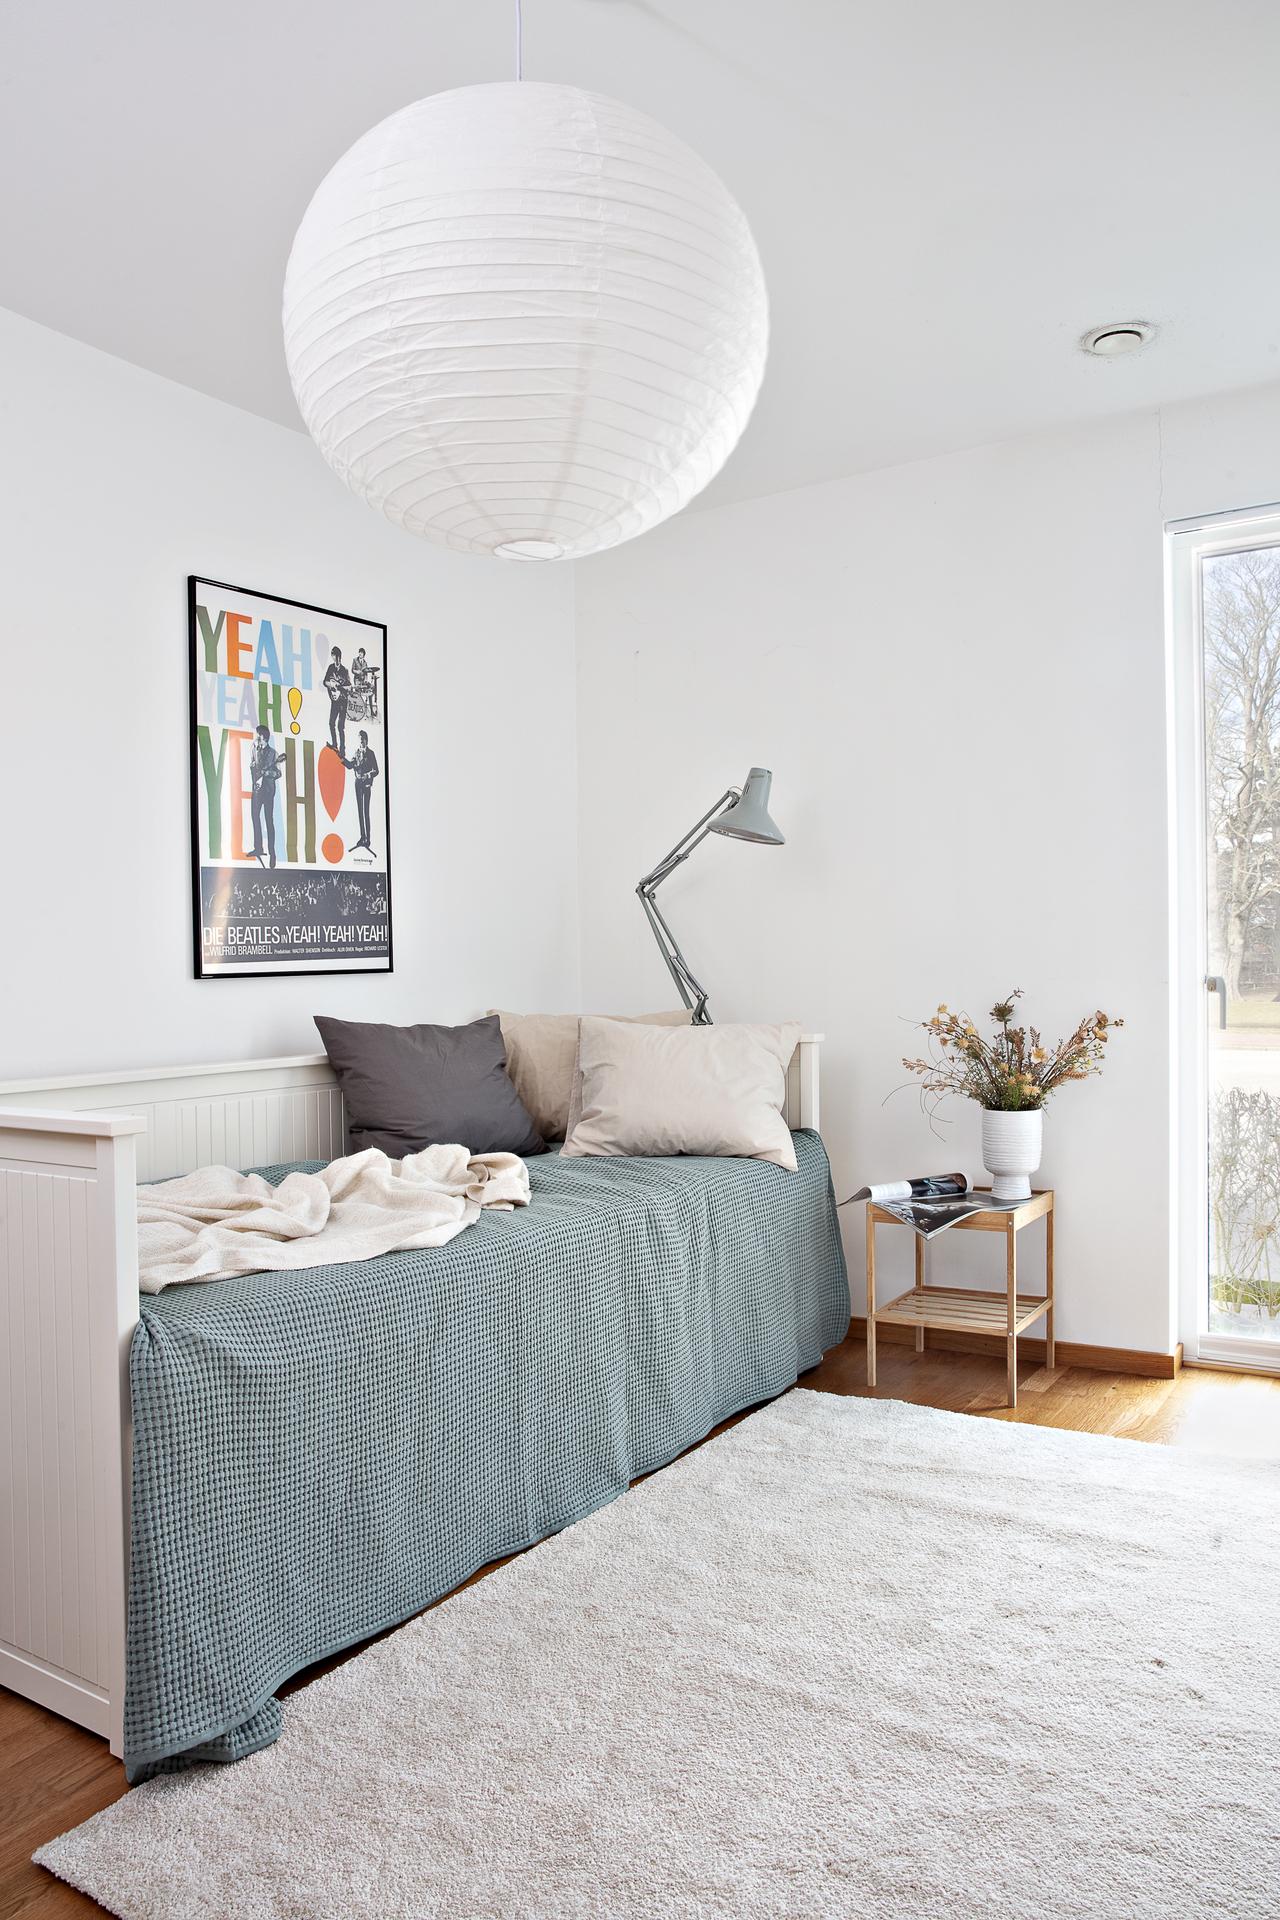 Rummet har gott om plats för både säng och t.ex. skrivbord